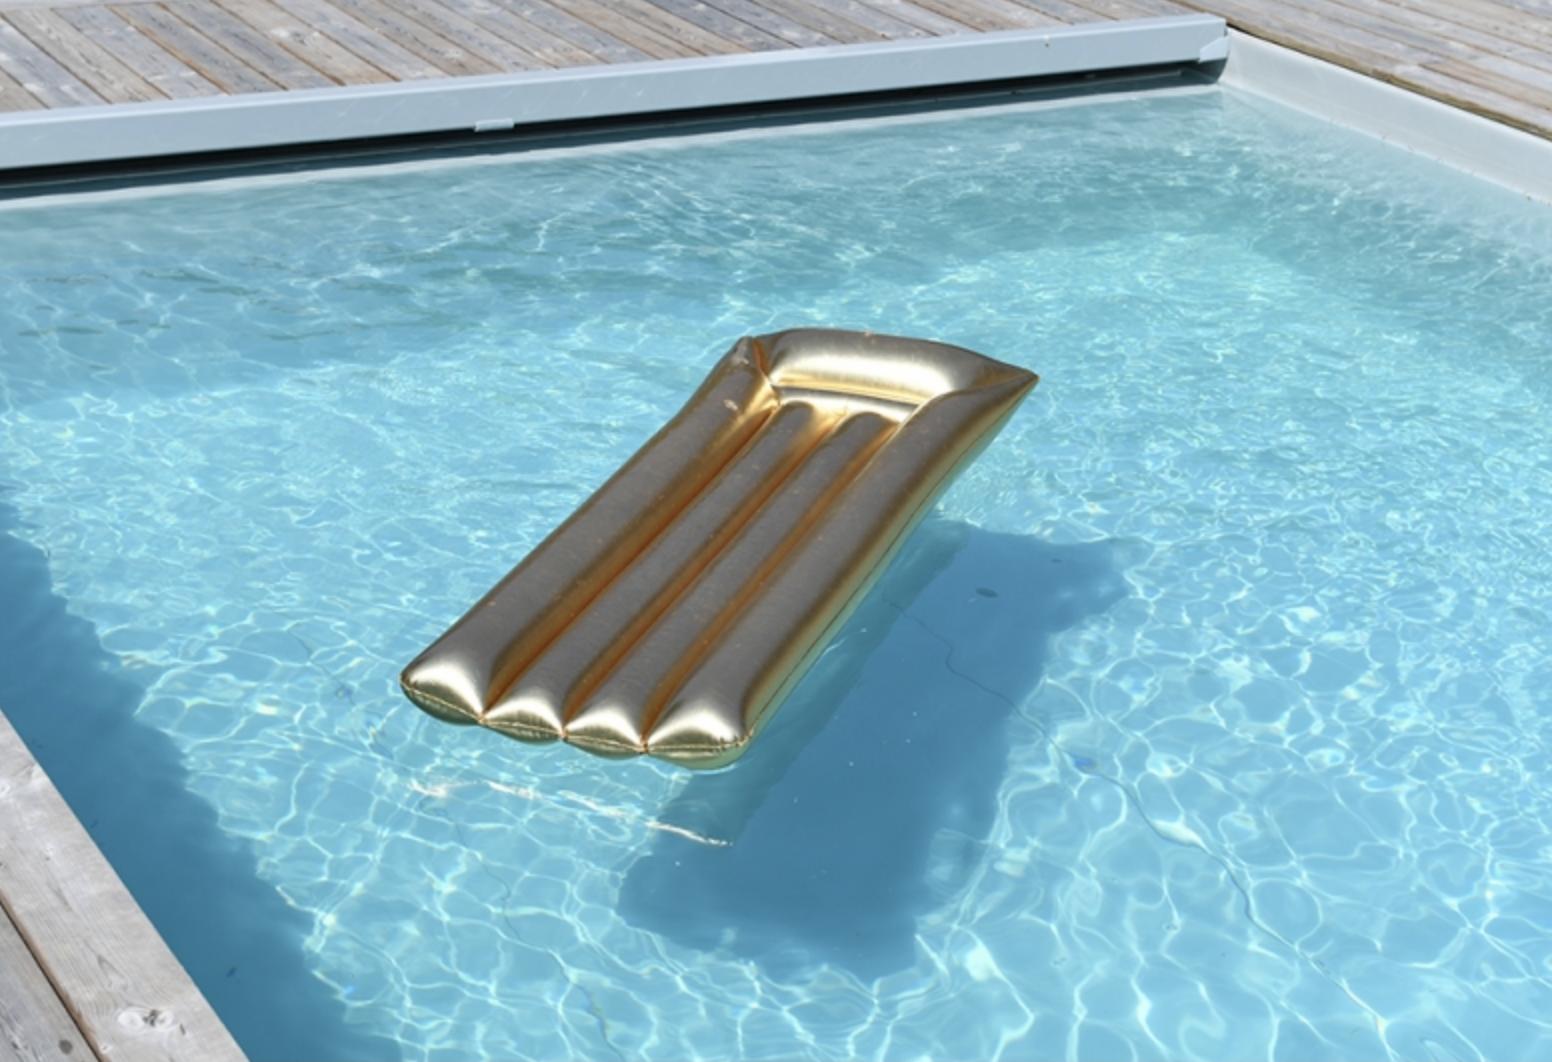 matelas doré gonflable dans piscine